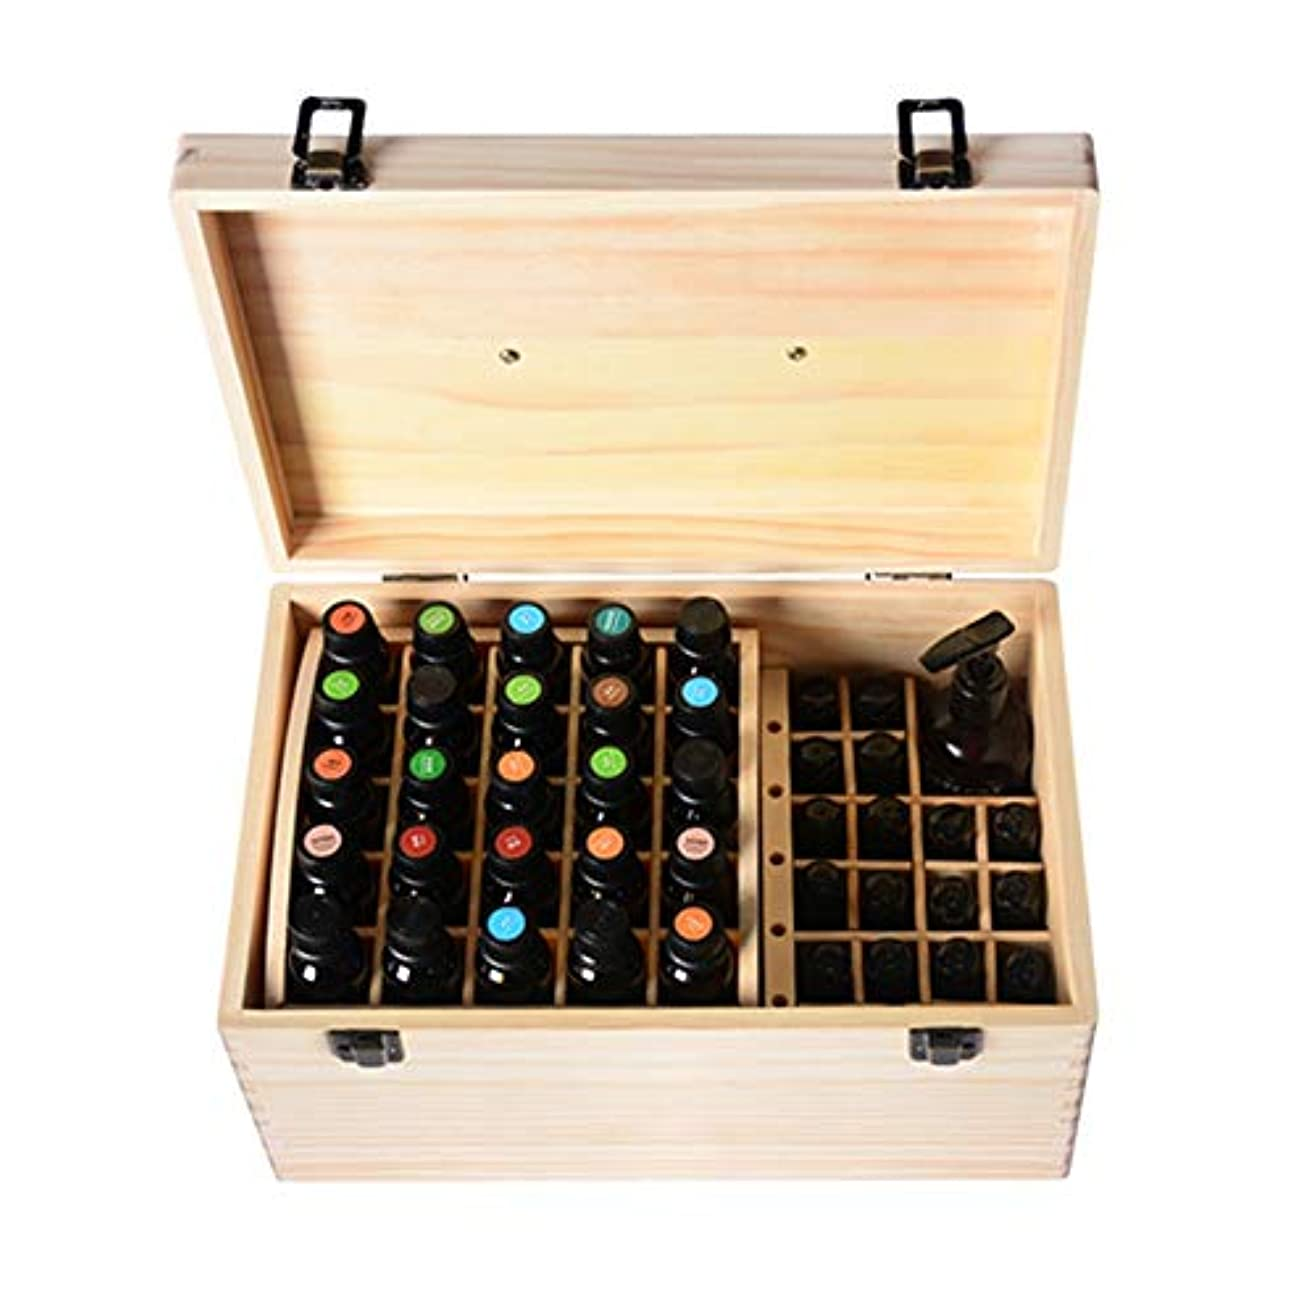 に対応する経験的非難するエッセンシャルオイルの保管 74スロット木エッセンシャルオイルボックス収納ケース内部のリムーバブルは15/10 M1のボトルナチュラルパインを開催します (色 : Natural, サイズ : 35X20X16.5CM)